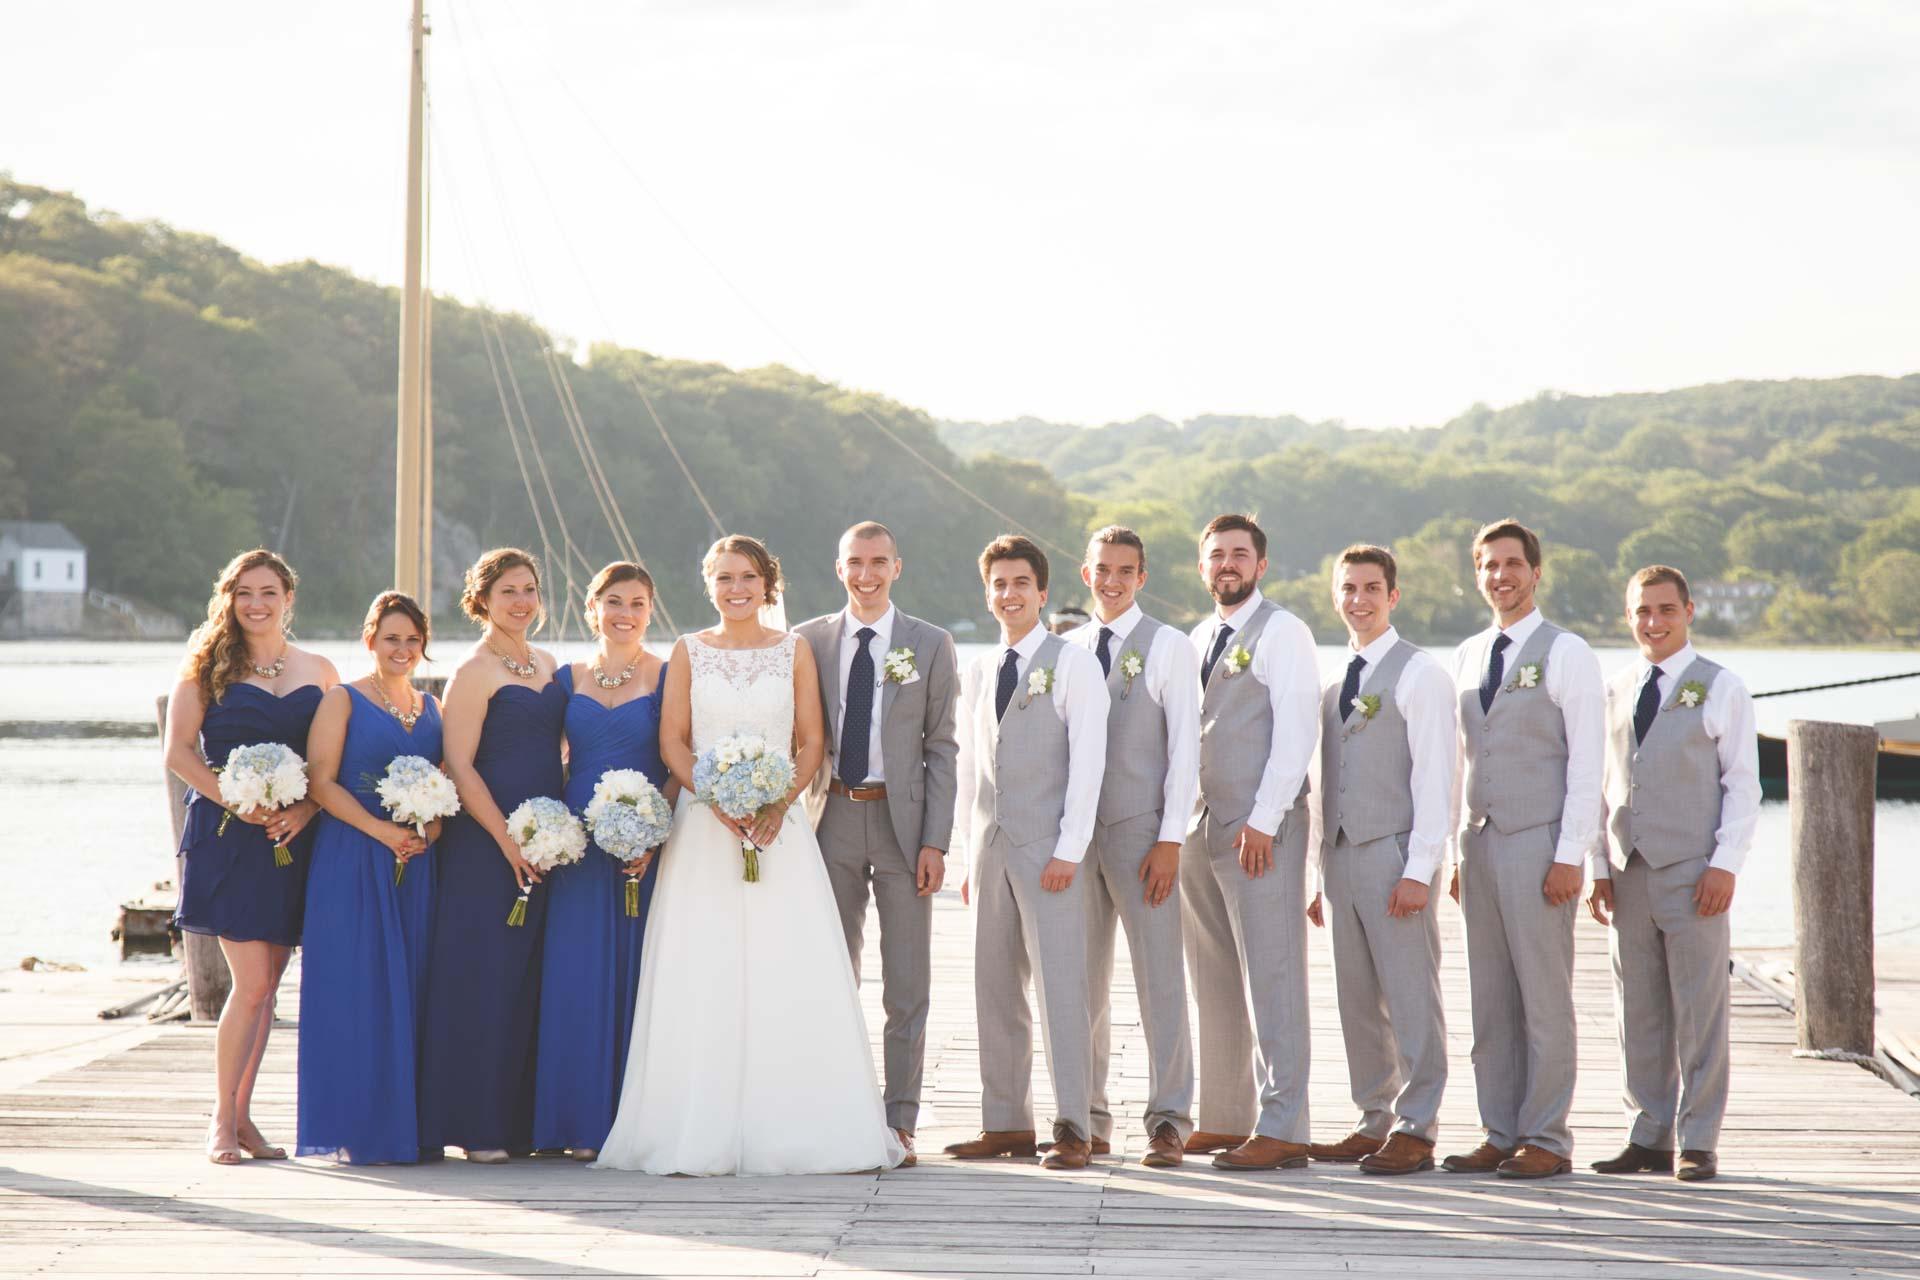 latitude-41-wedding-photography (32 of 66).jpg